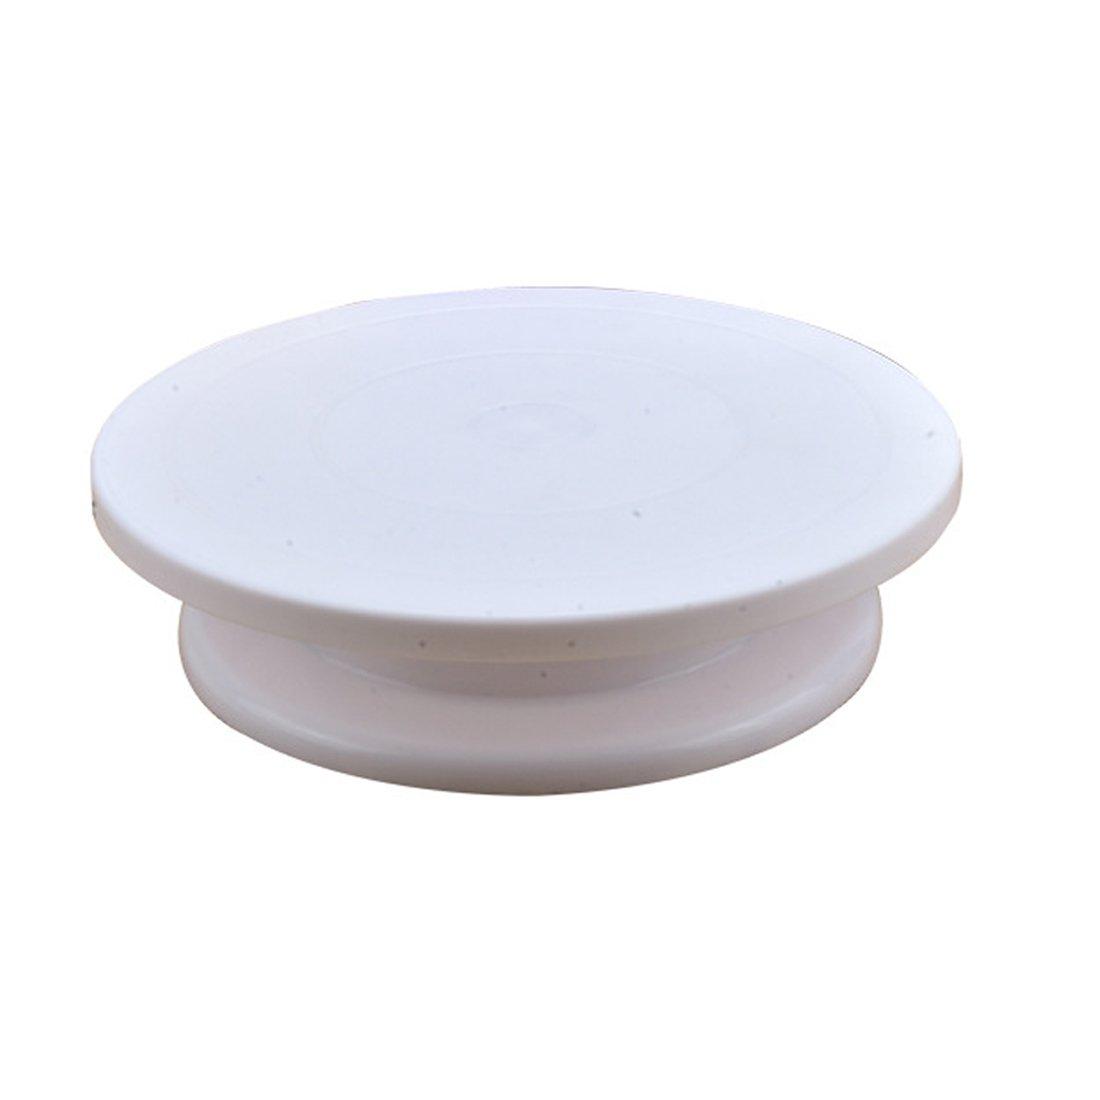 Bandeja redonda para pastel, de plástico, giratoria, embalada en caja, color blanco, de 28 x 28 x 7 cm: Amazon.es: Hogar